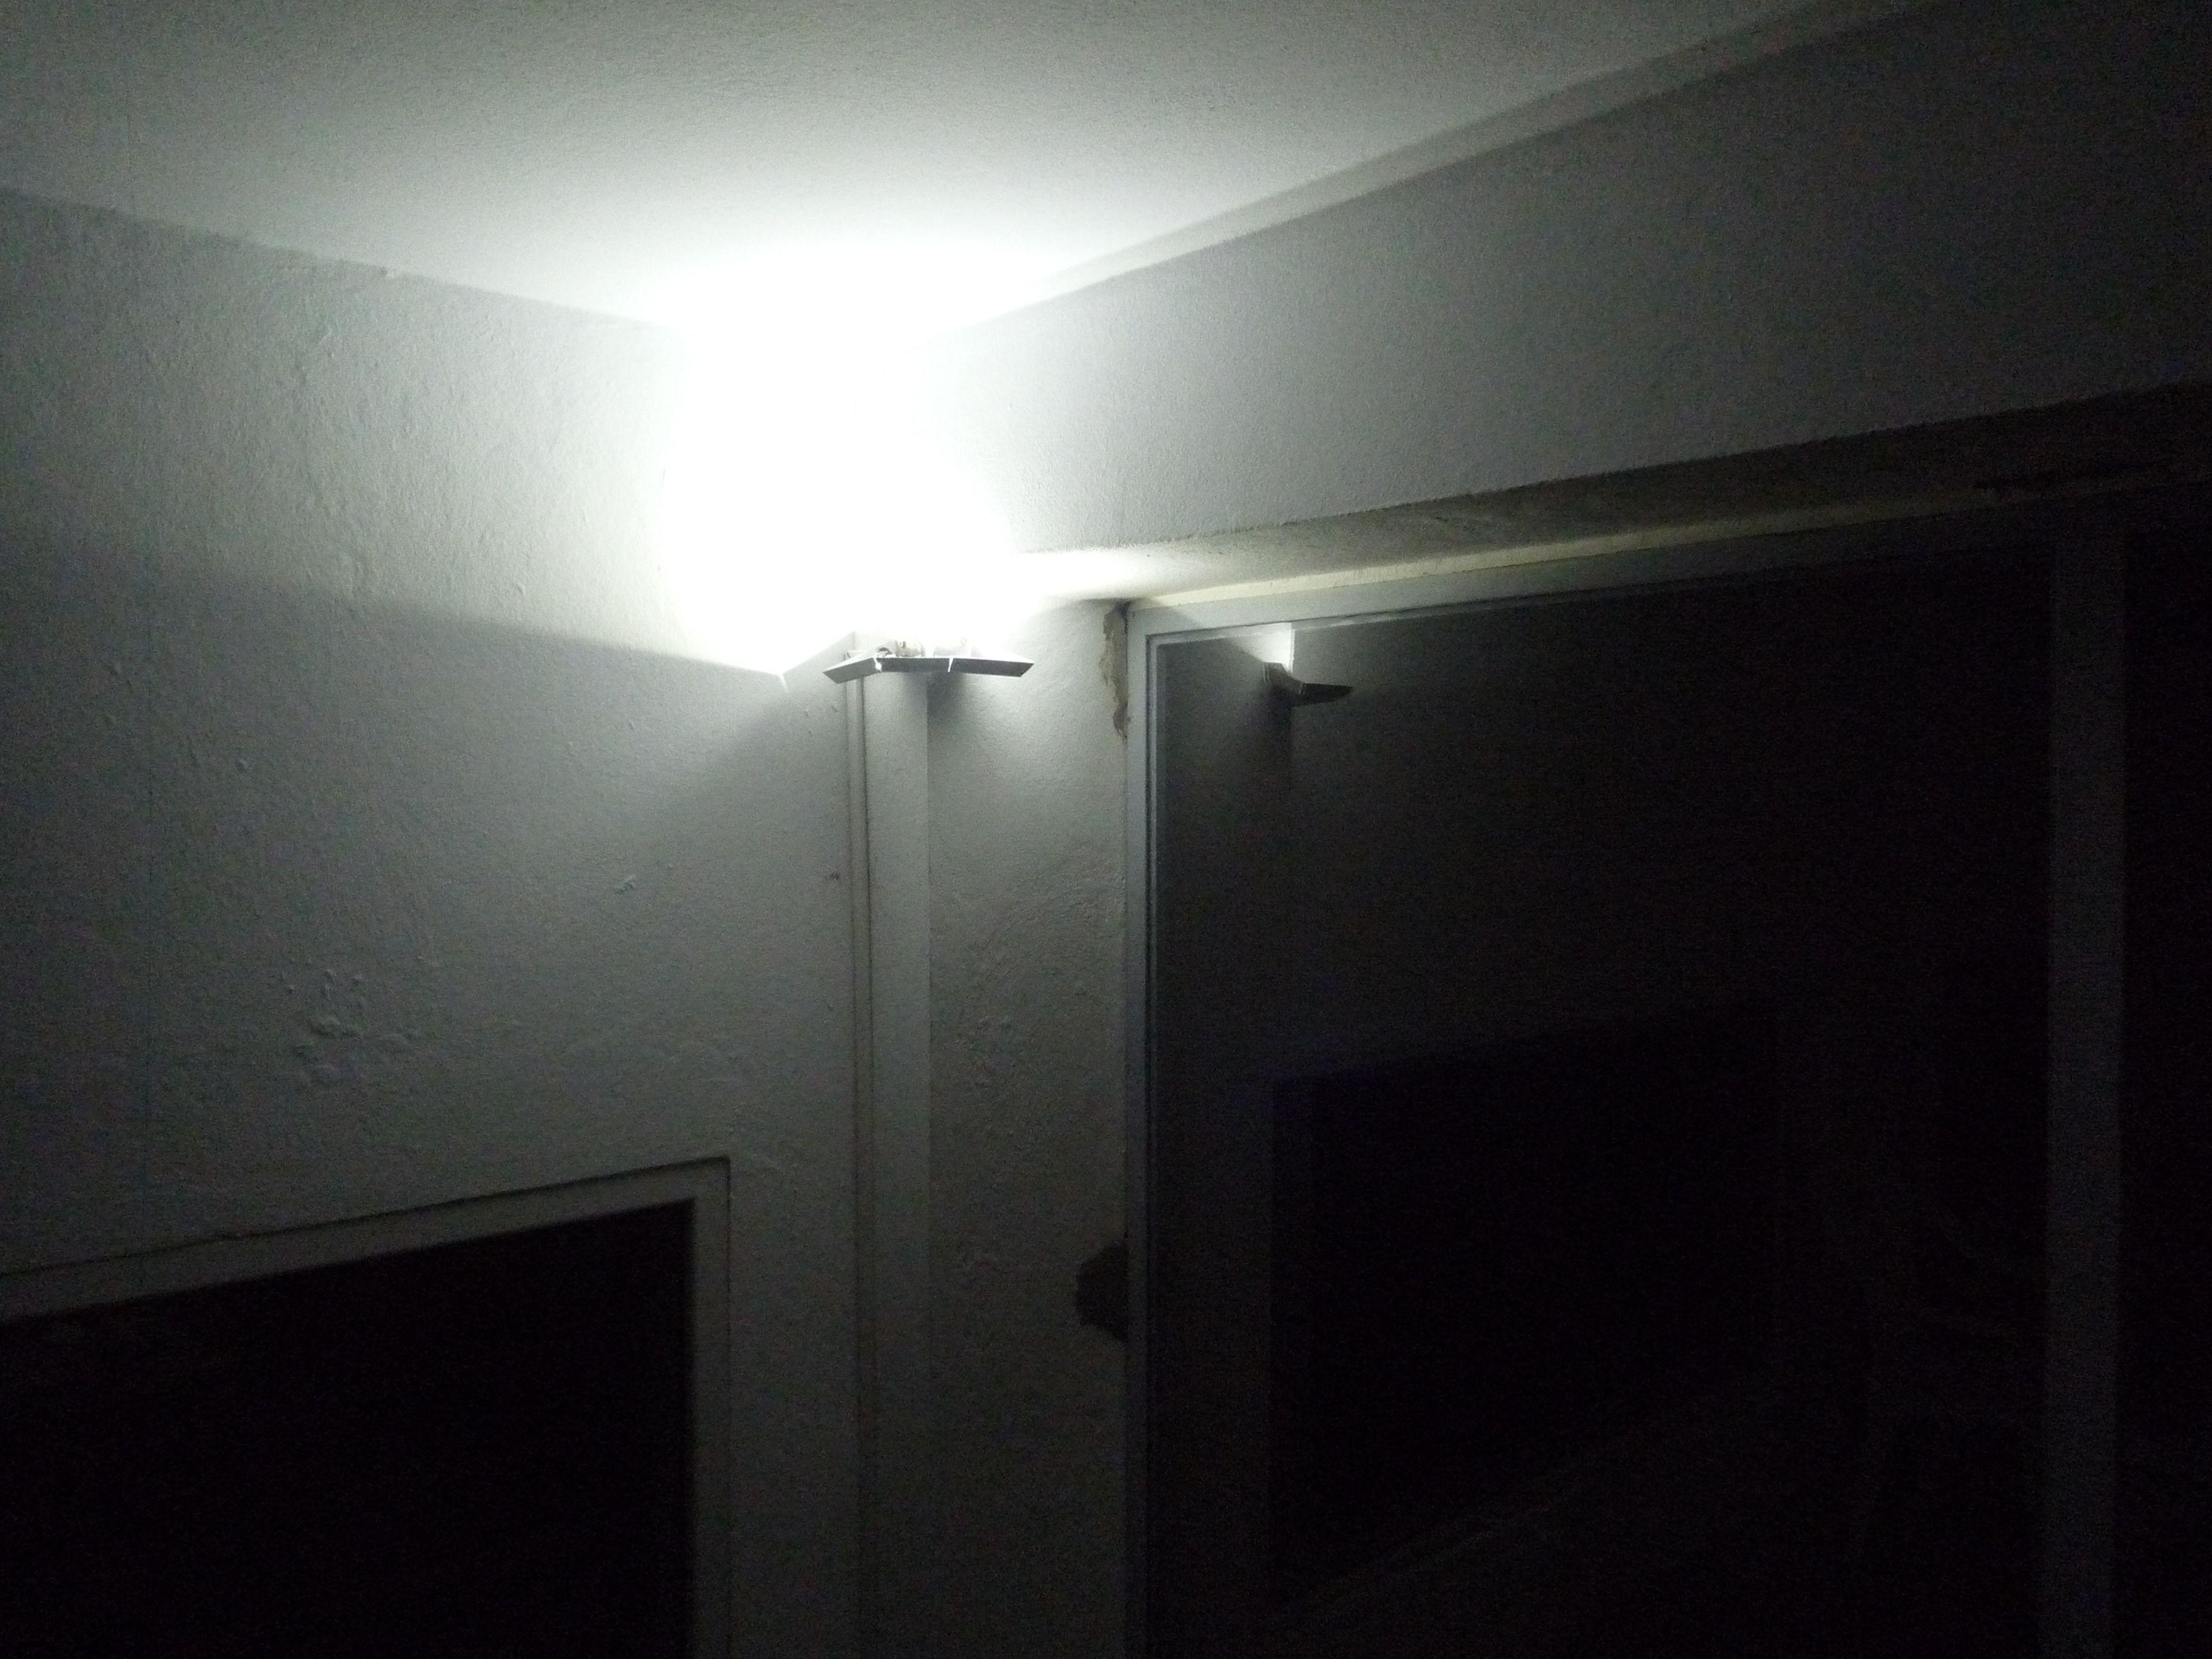 nouvelle lampes basse consommation velectris r. Black Bedroom Furniture Sets. Home Design Ideas